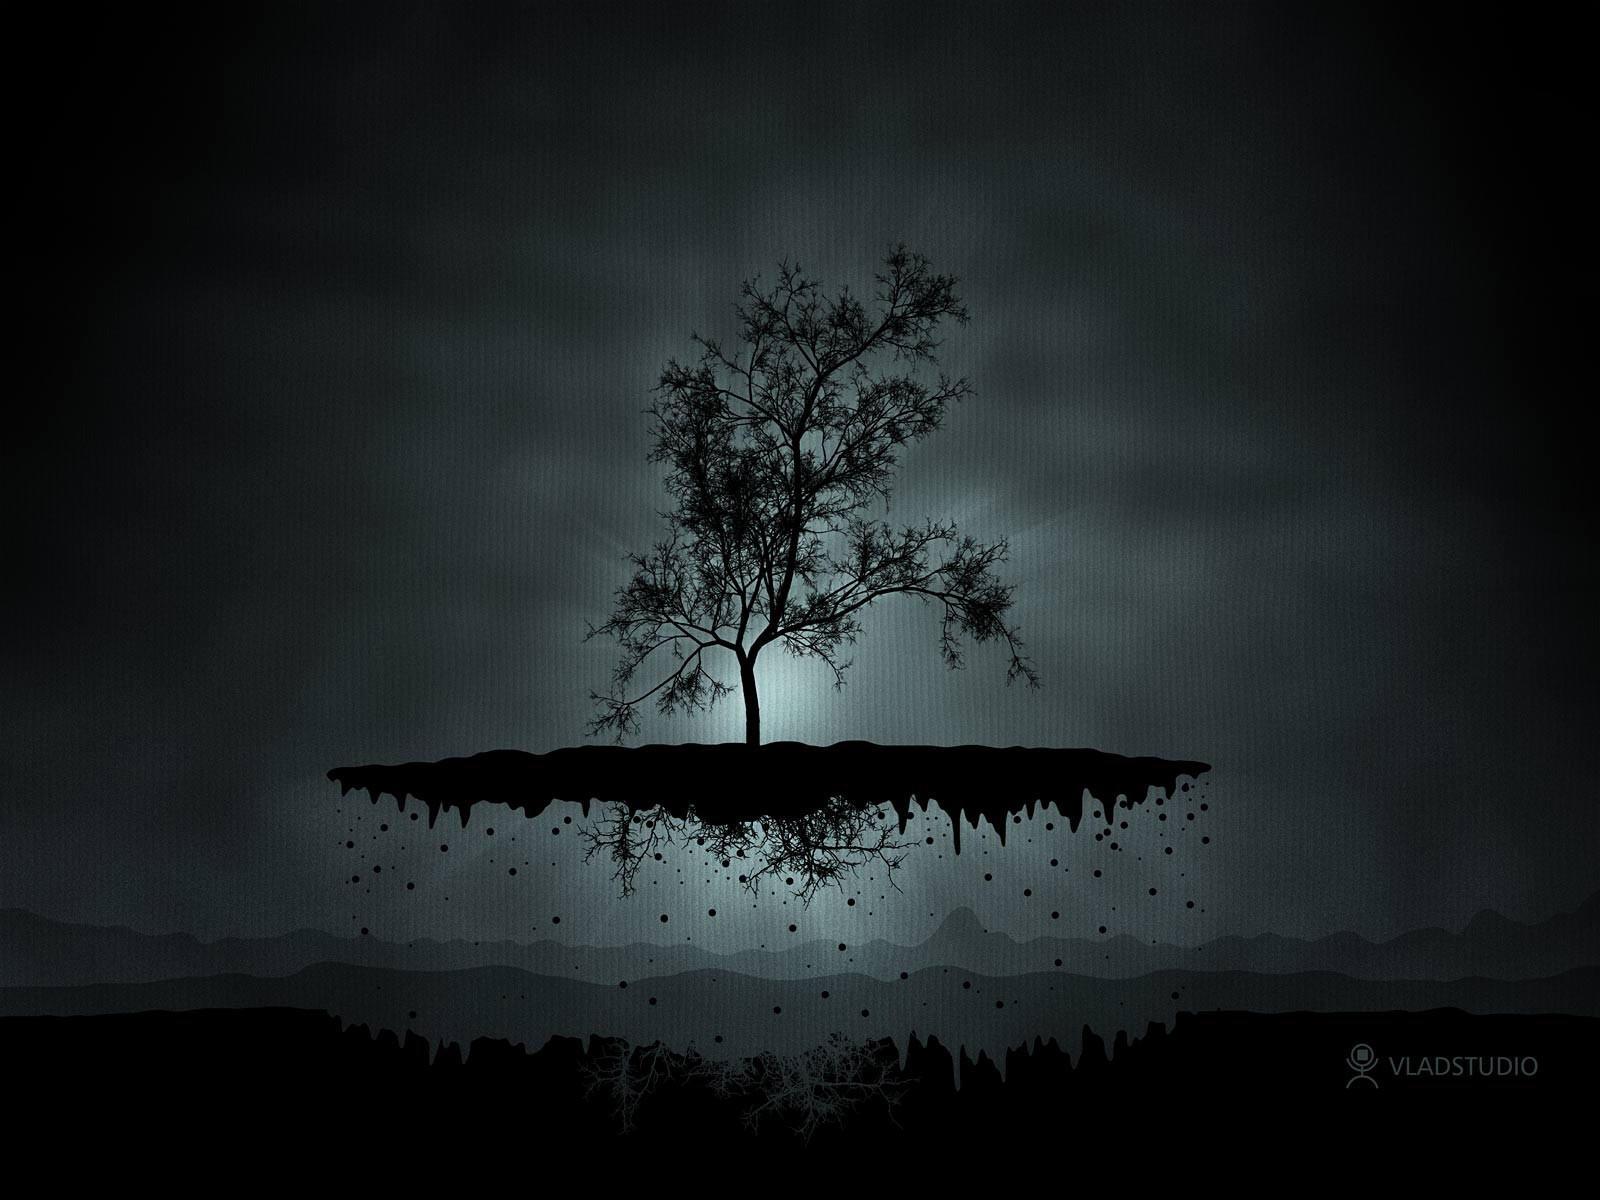 Летающий островок с деревом